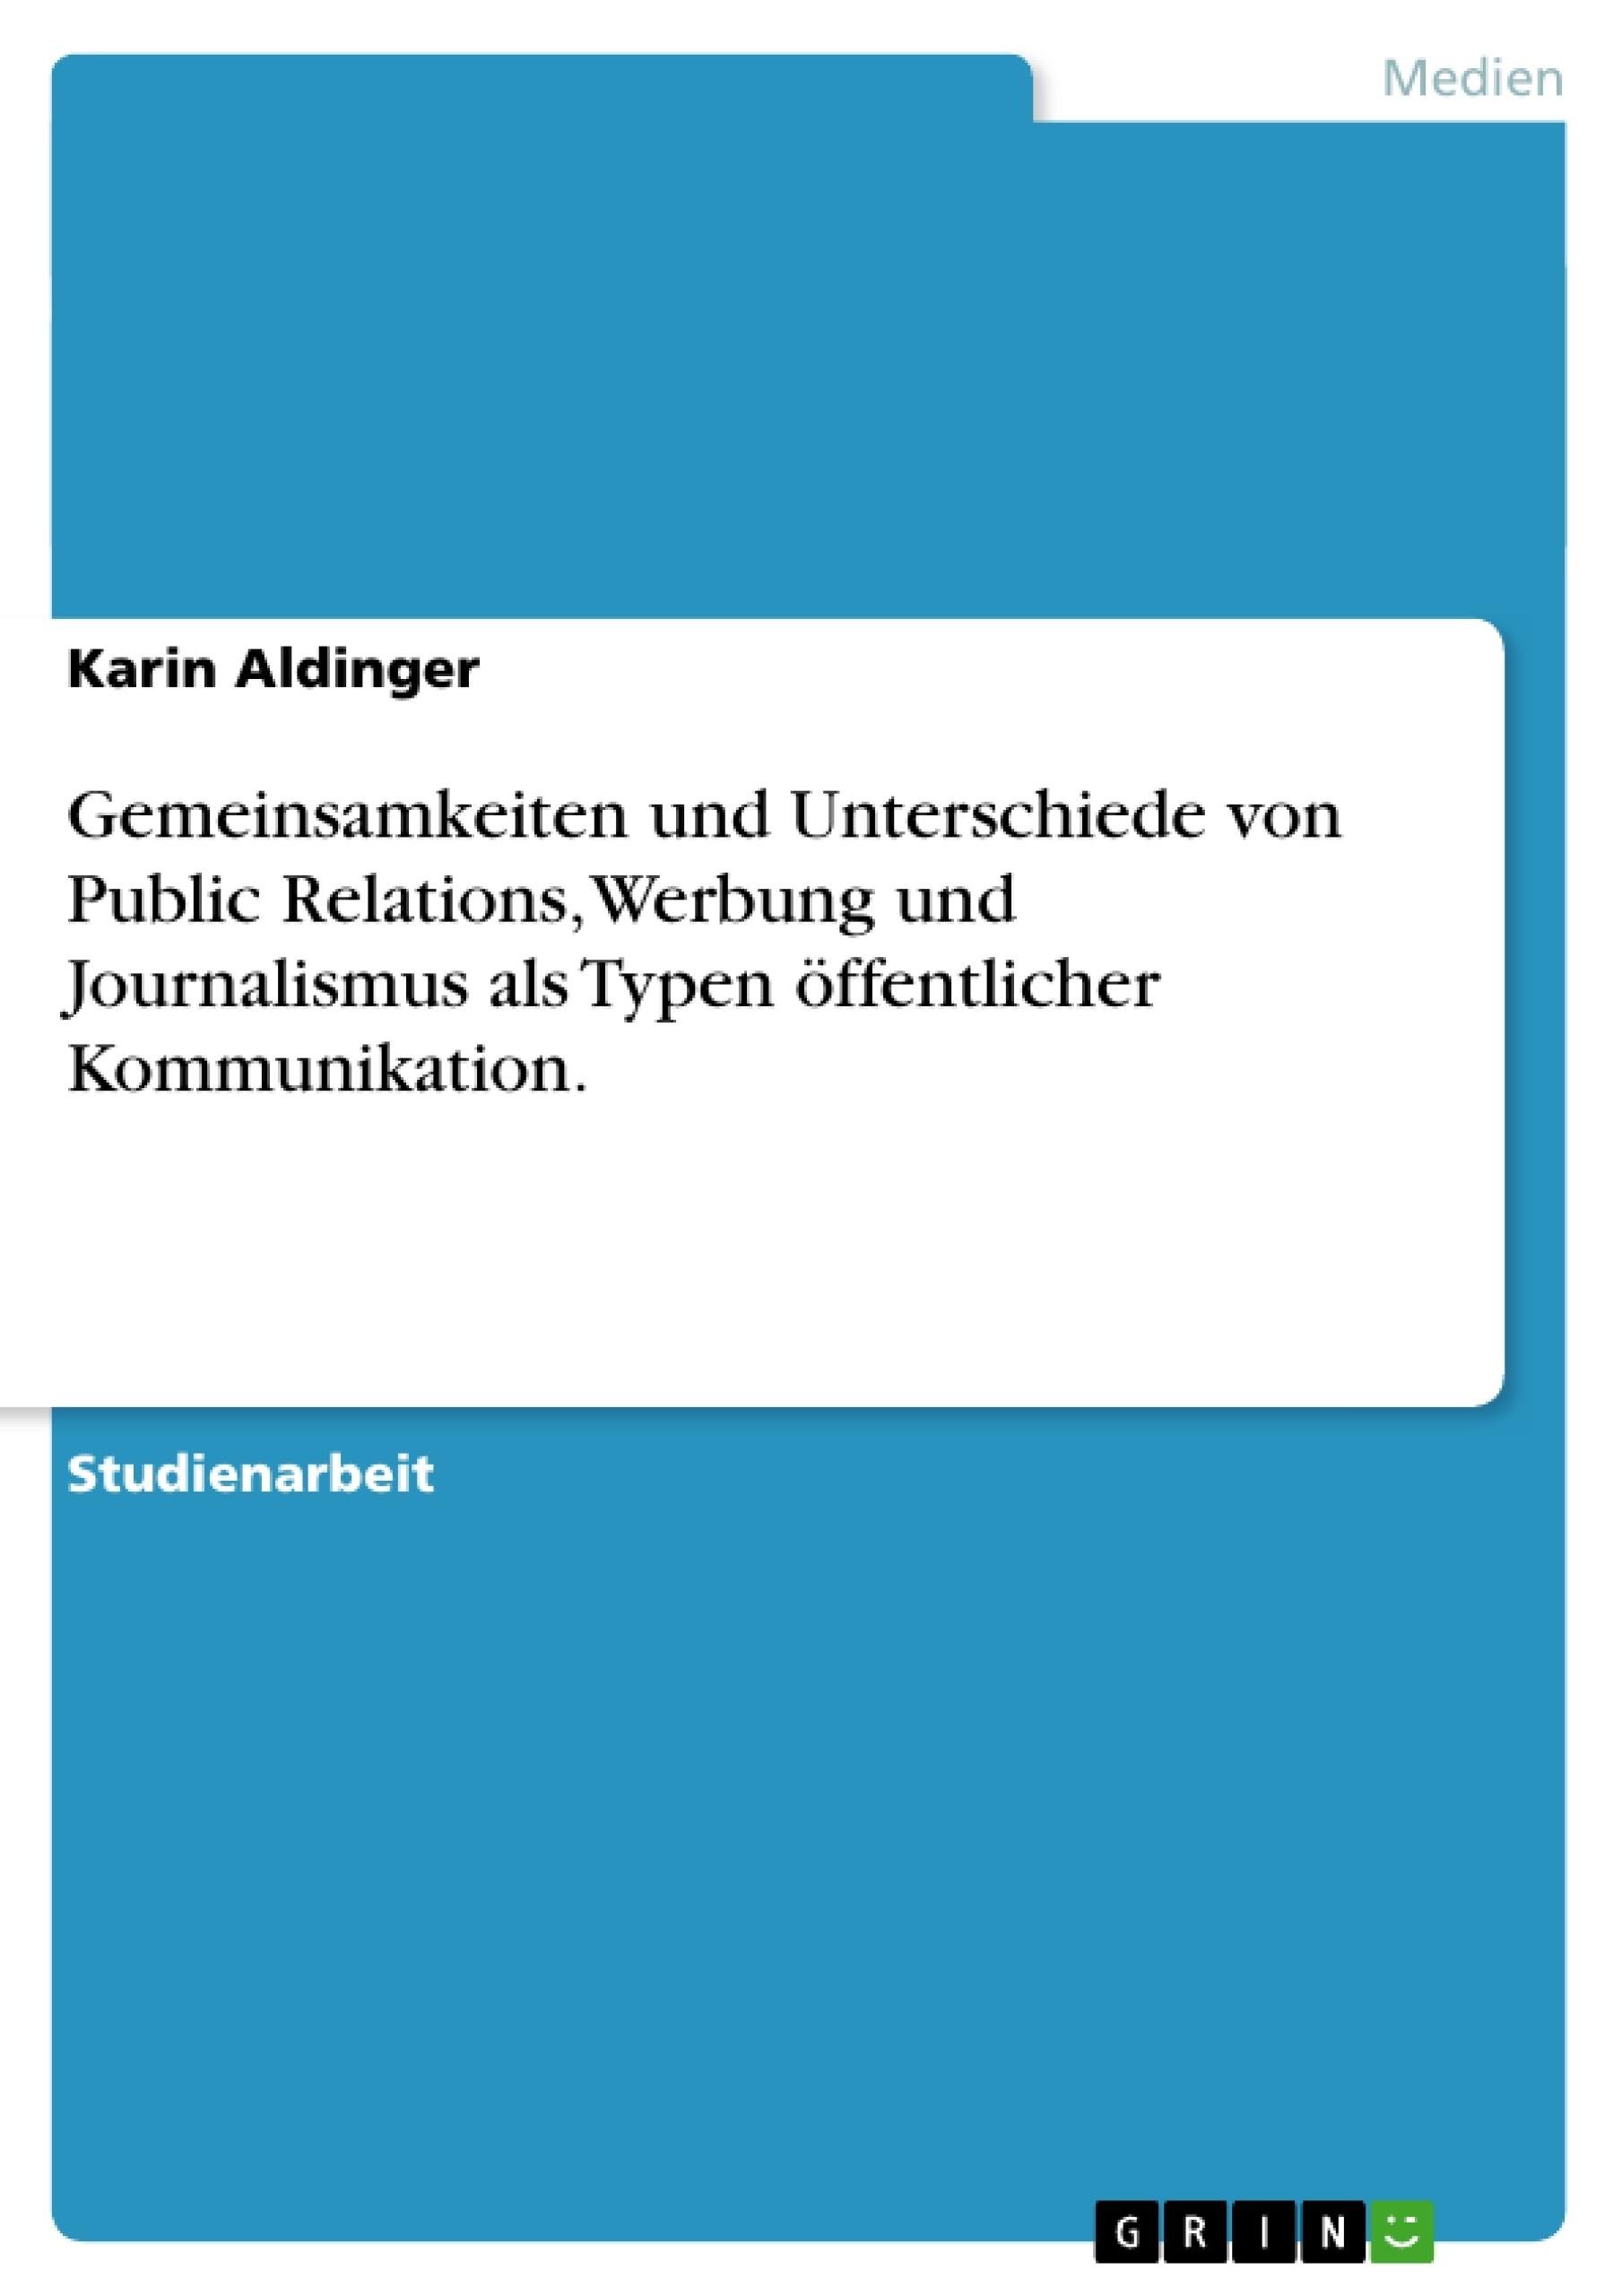 Titel: Gemeinsamkeiten und Unterschiede von Public Relations, Werbung und Journalismus als Typen öffentlicher Kommunikation.